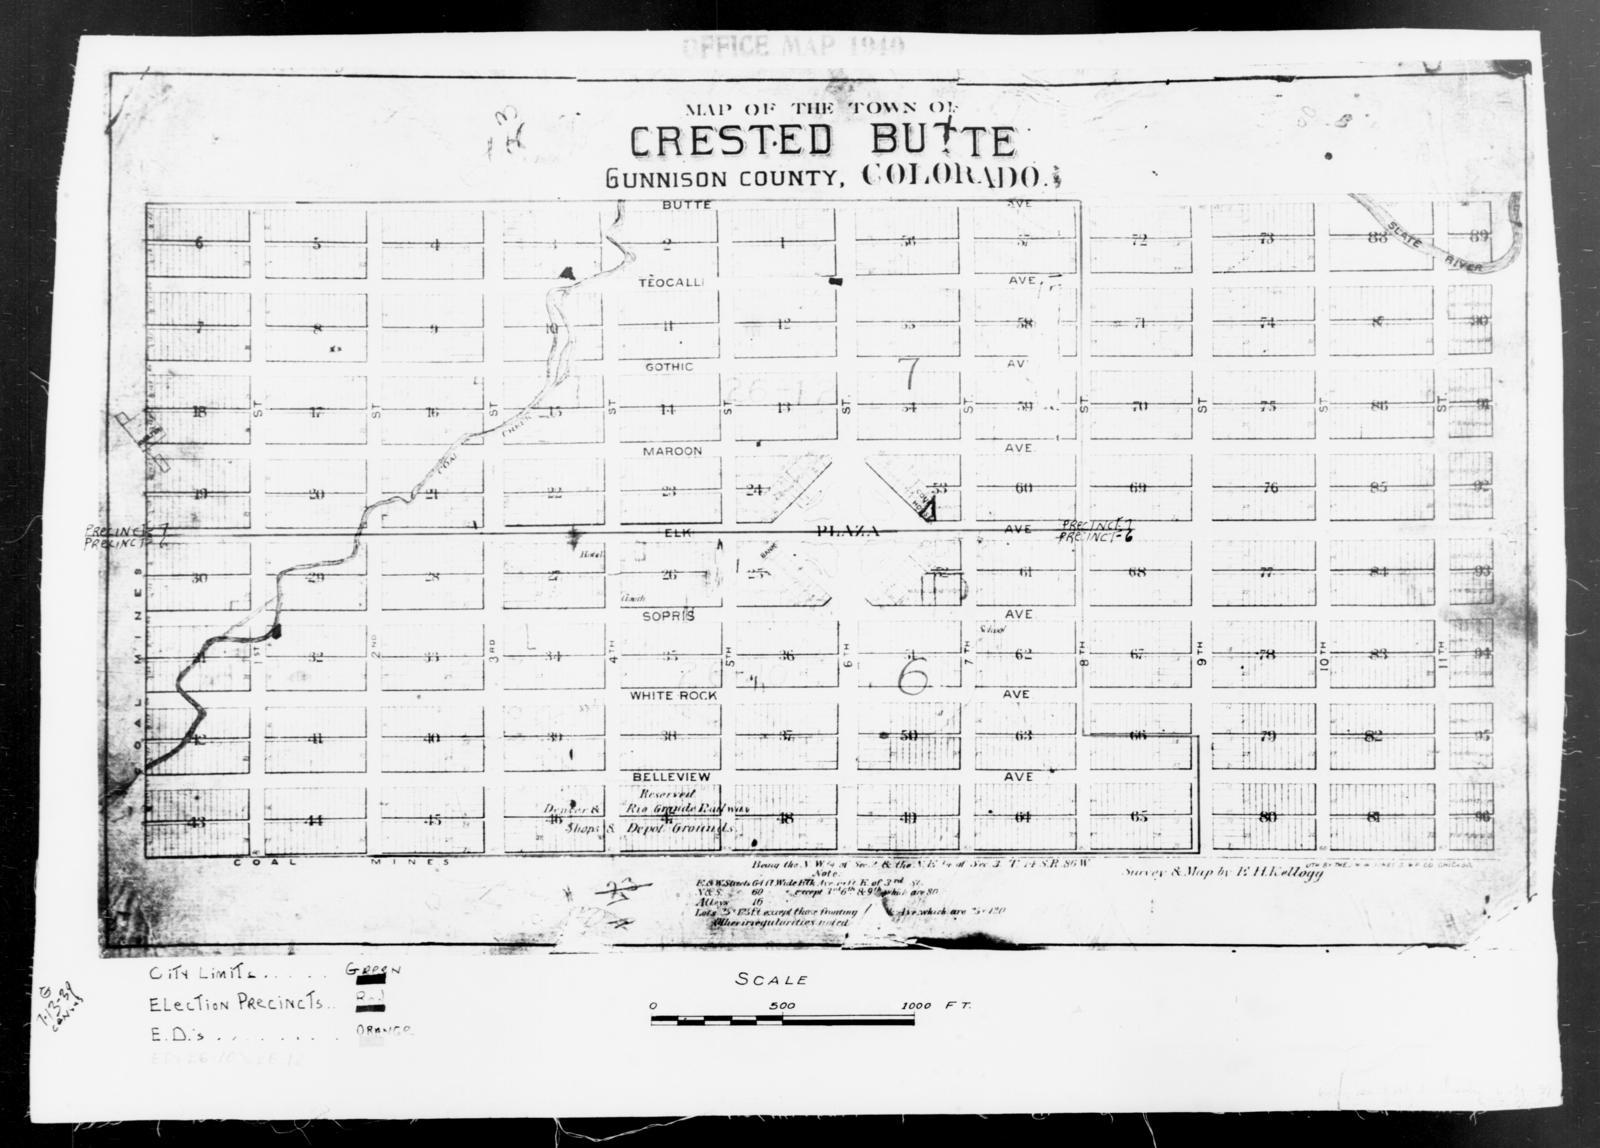 Gunnison County Colorado Map.1940 Census Enumeration District Maps Colorado Gunnison County